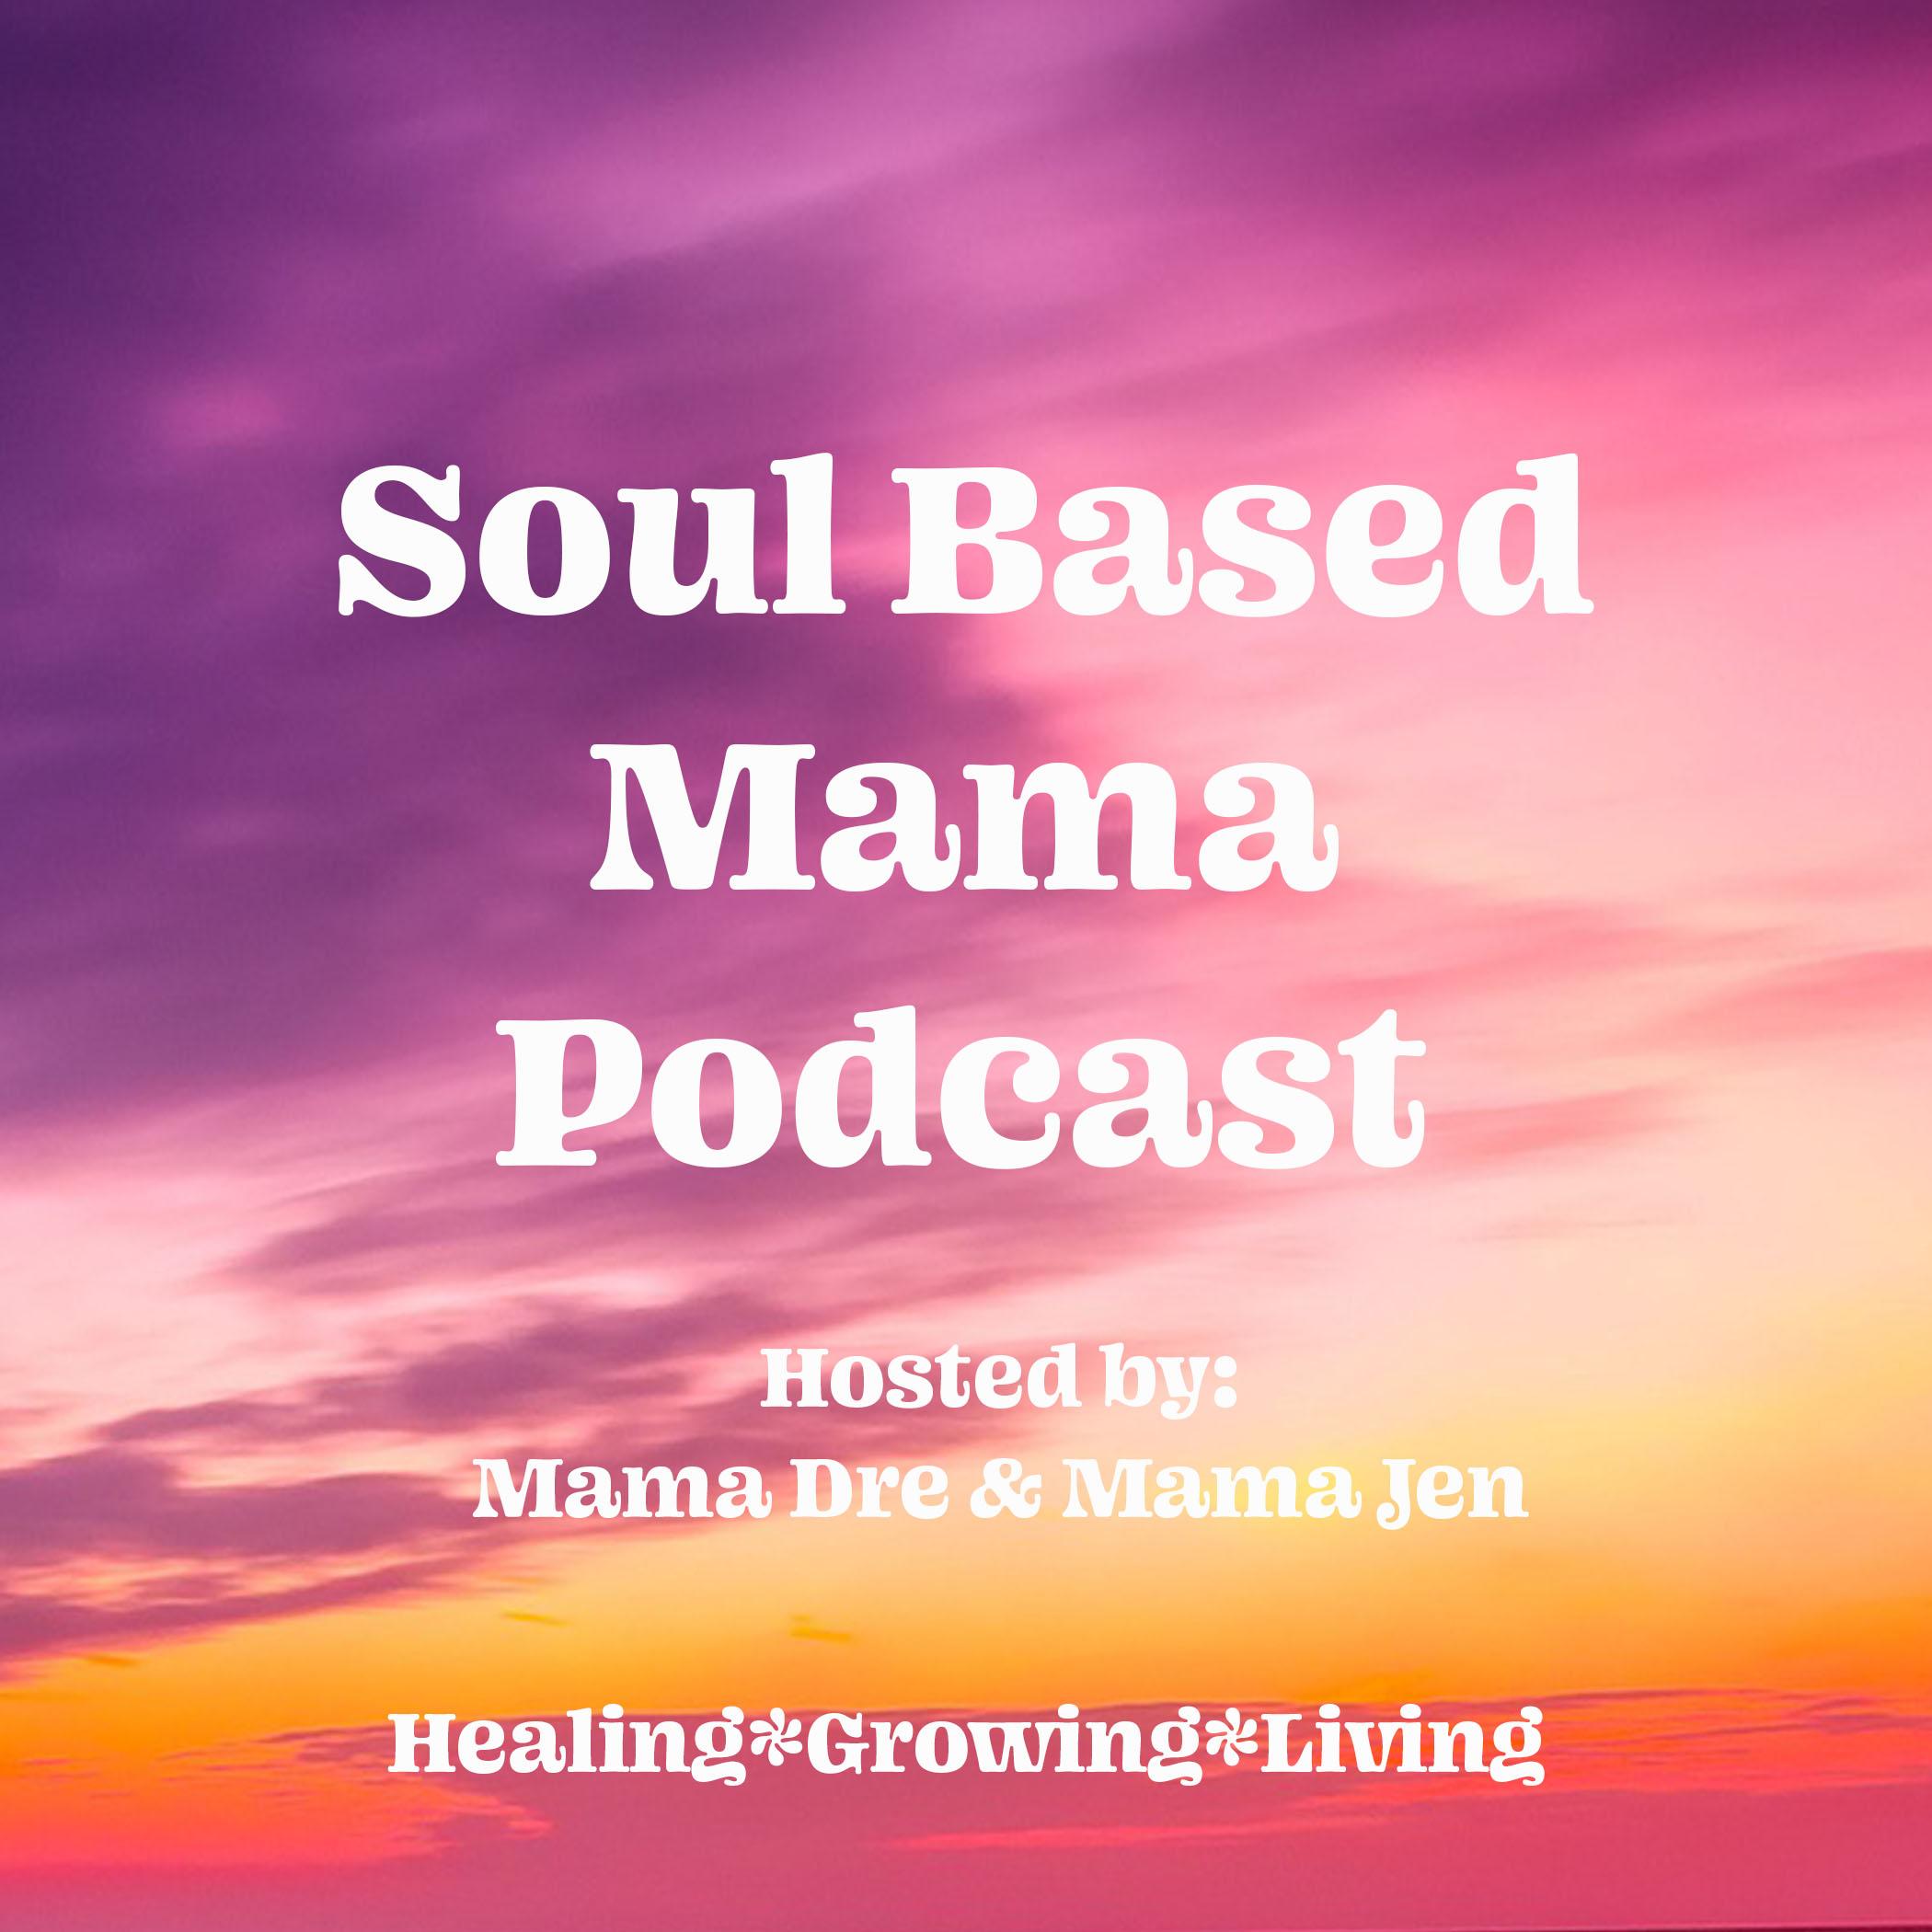 SoulBasedMamaPodcast.jpg